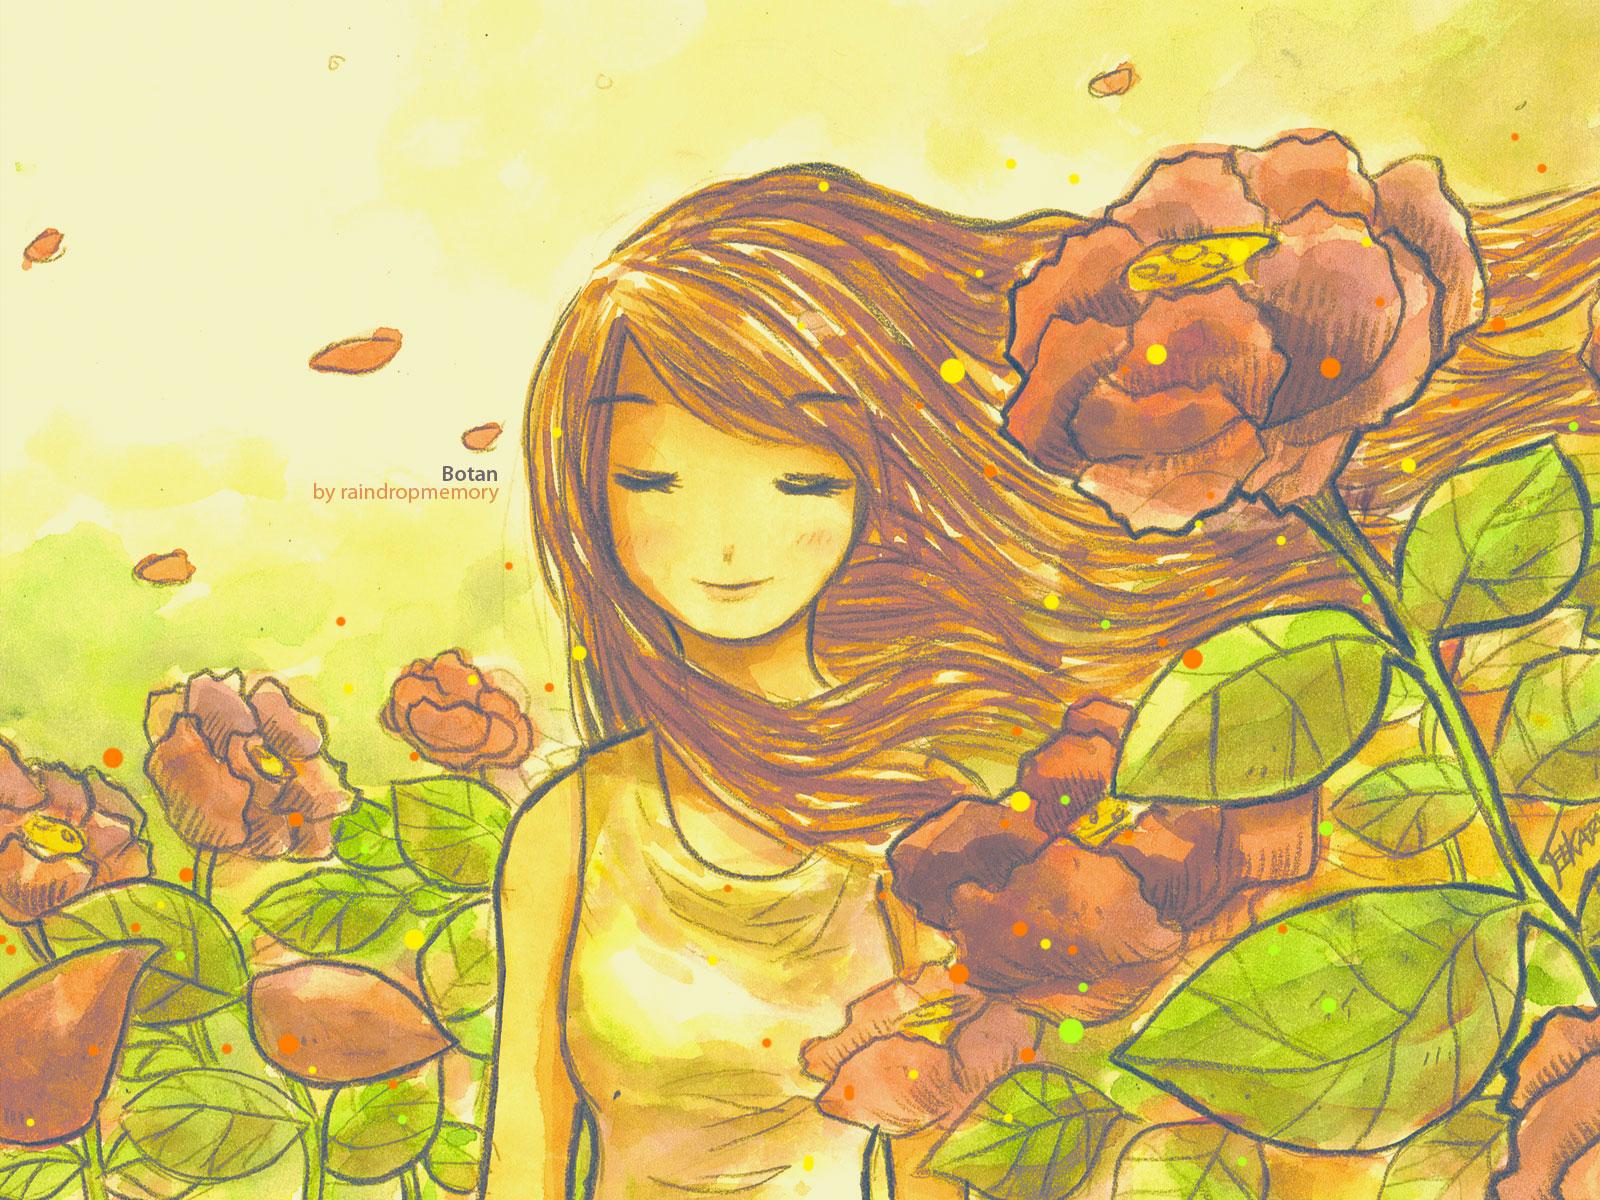 рисуем милые картинки девочек крутых